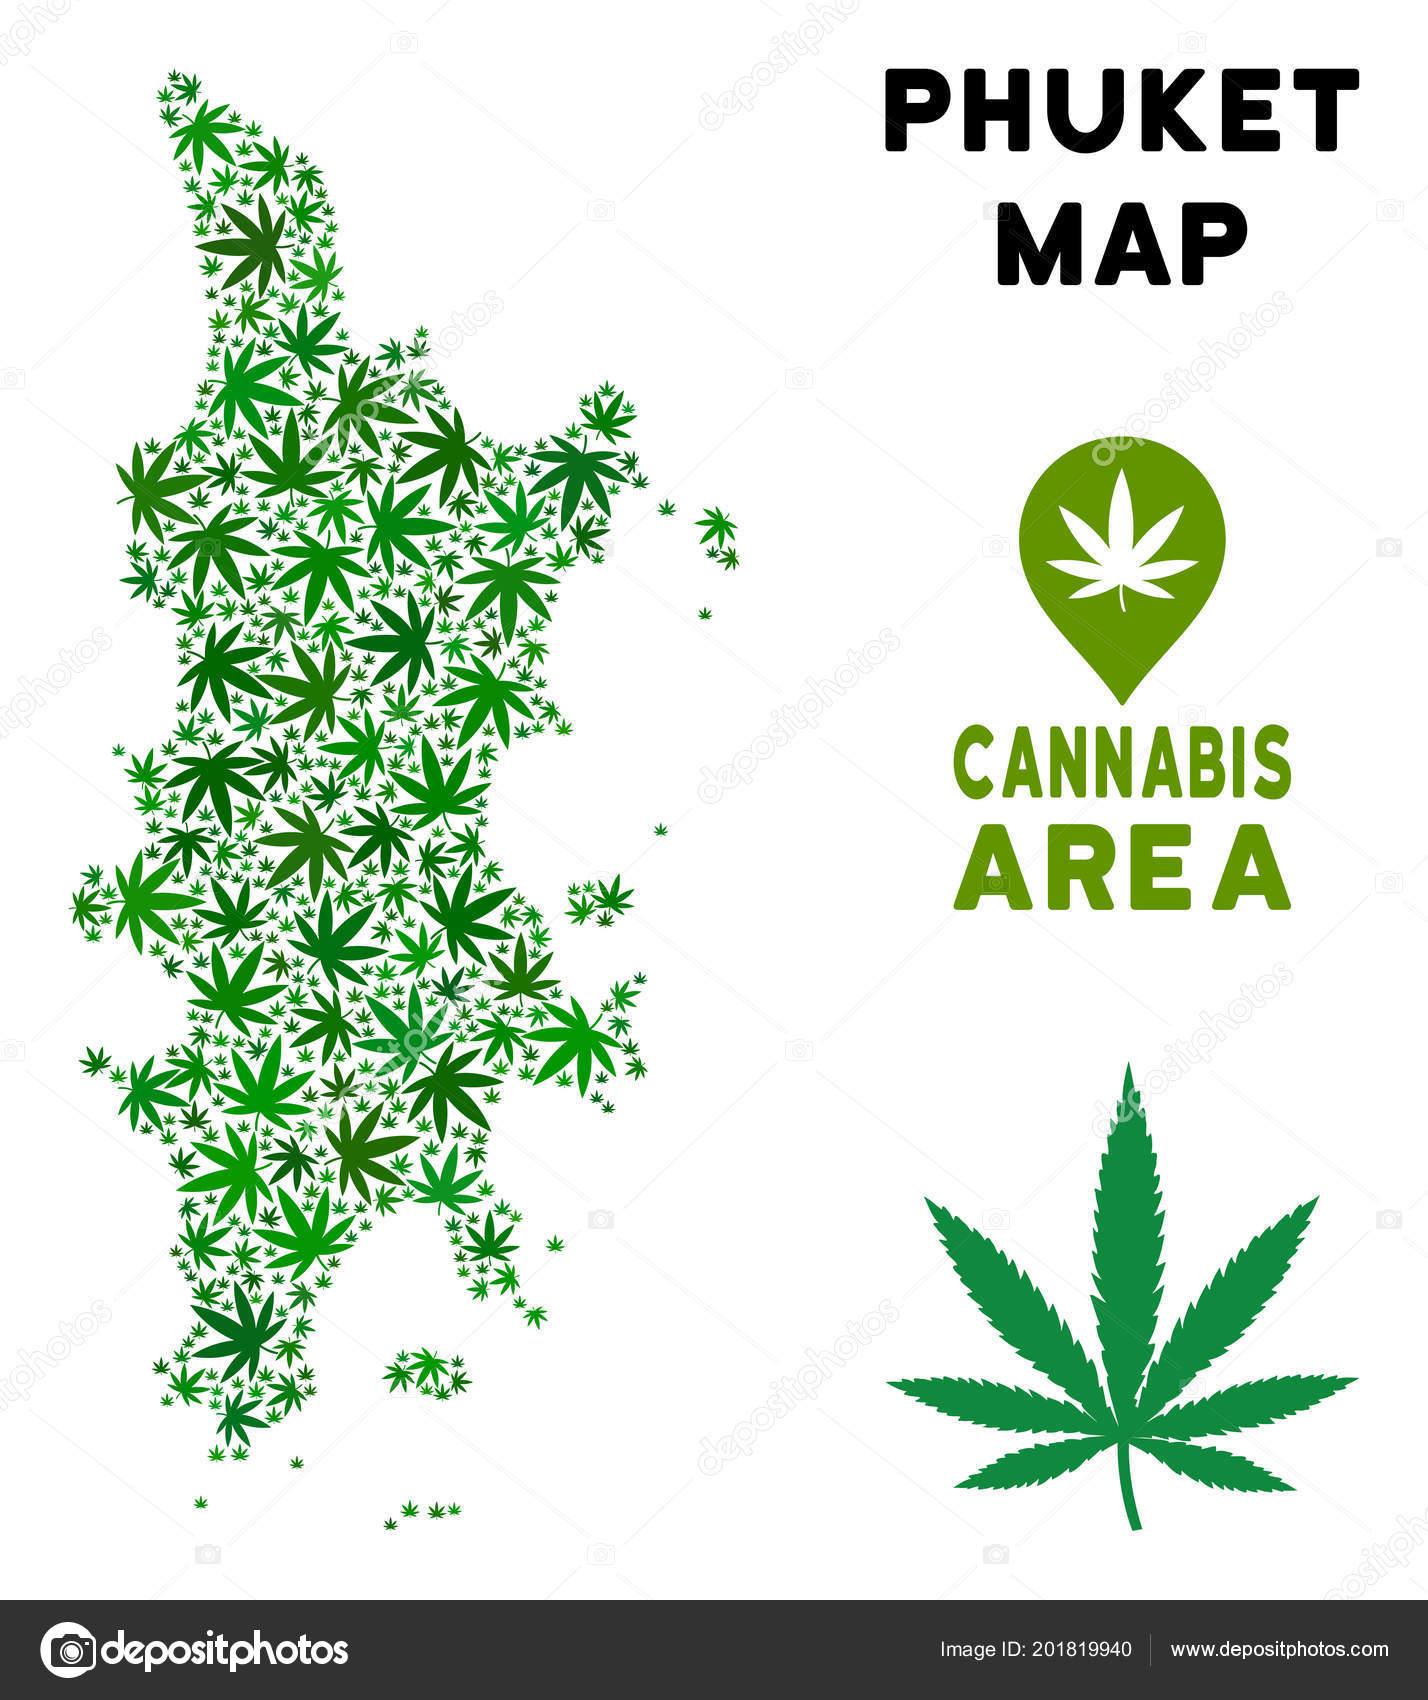 Где купить марихуаны на пхукете как снять интоксикацию марихуаны